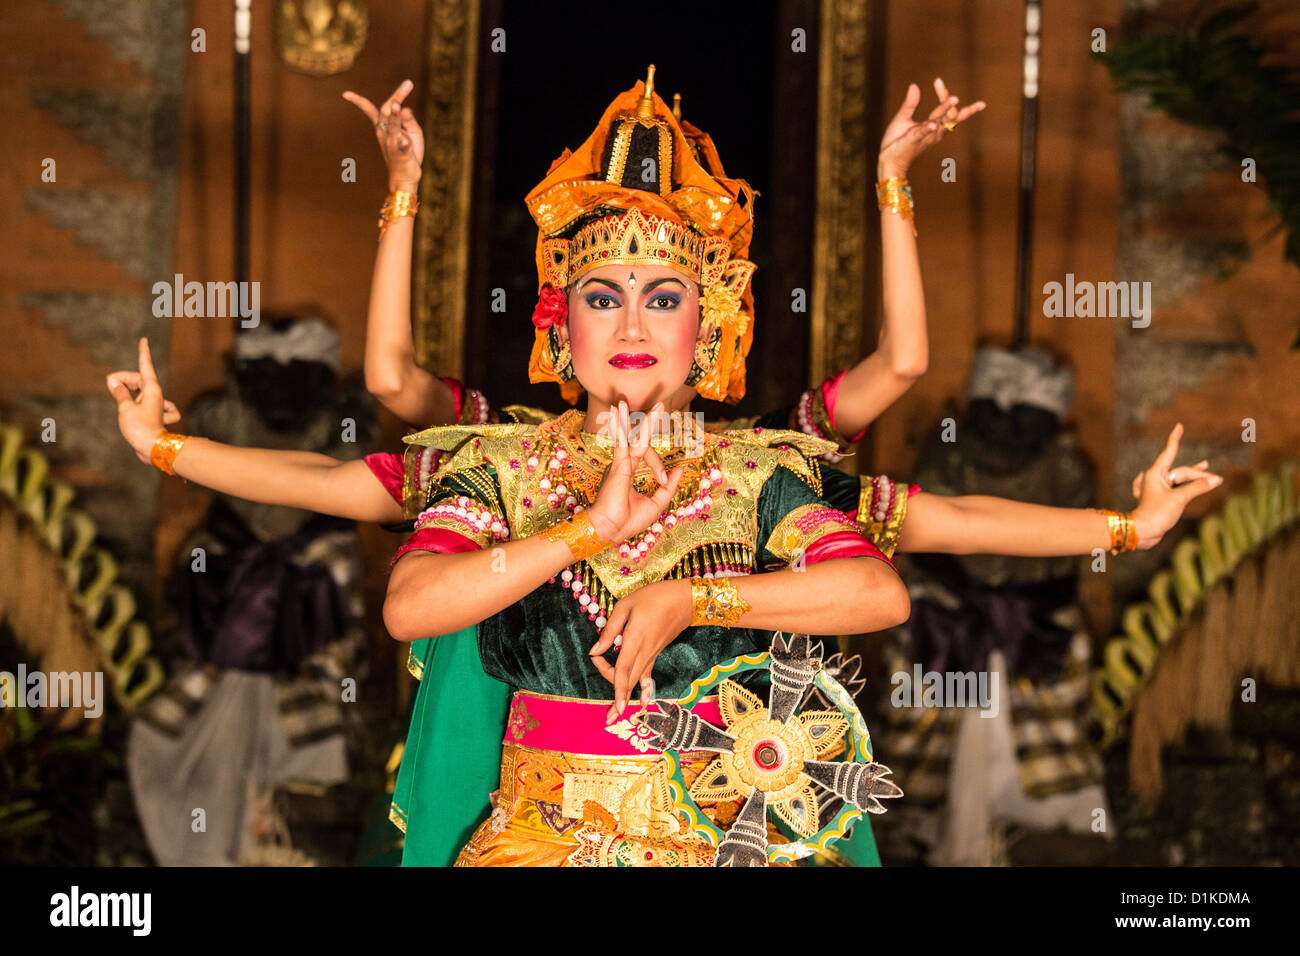 Traditional Balinese dance at the Ubud Palace, Ubud, Bali, Indonesia - Stock Image